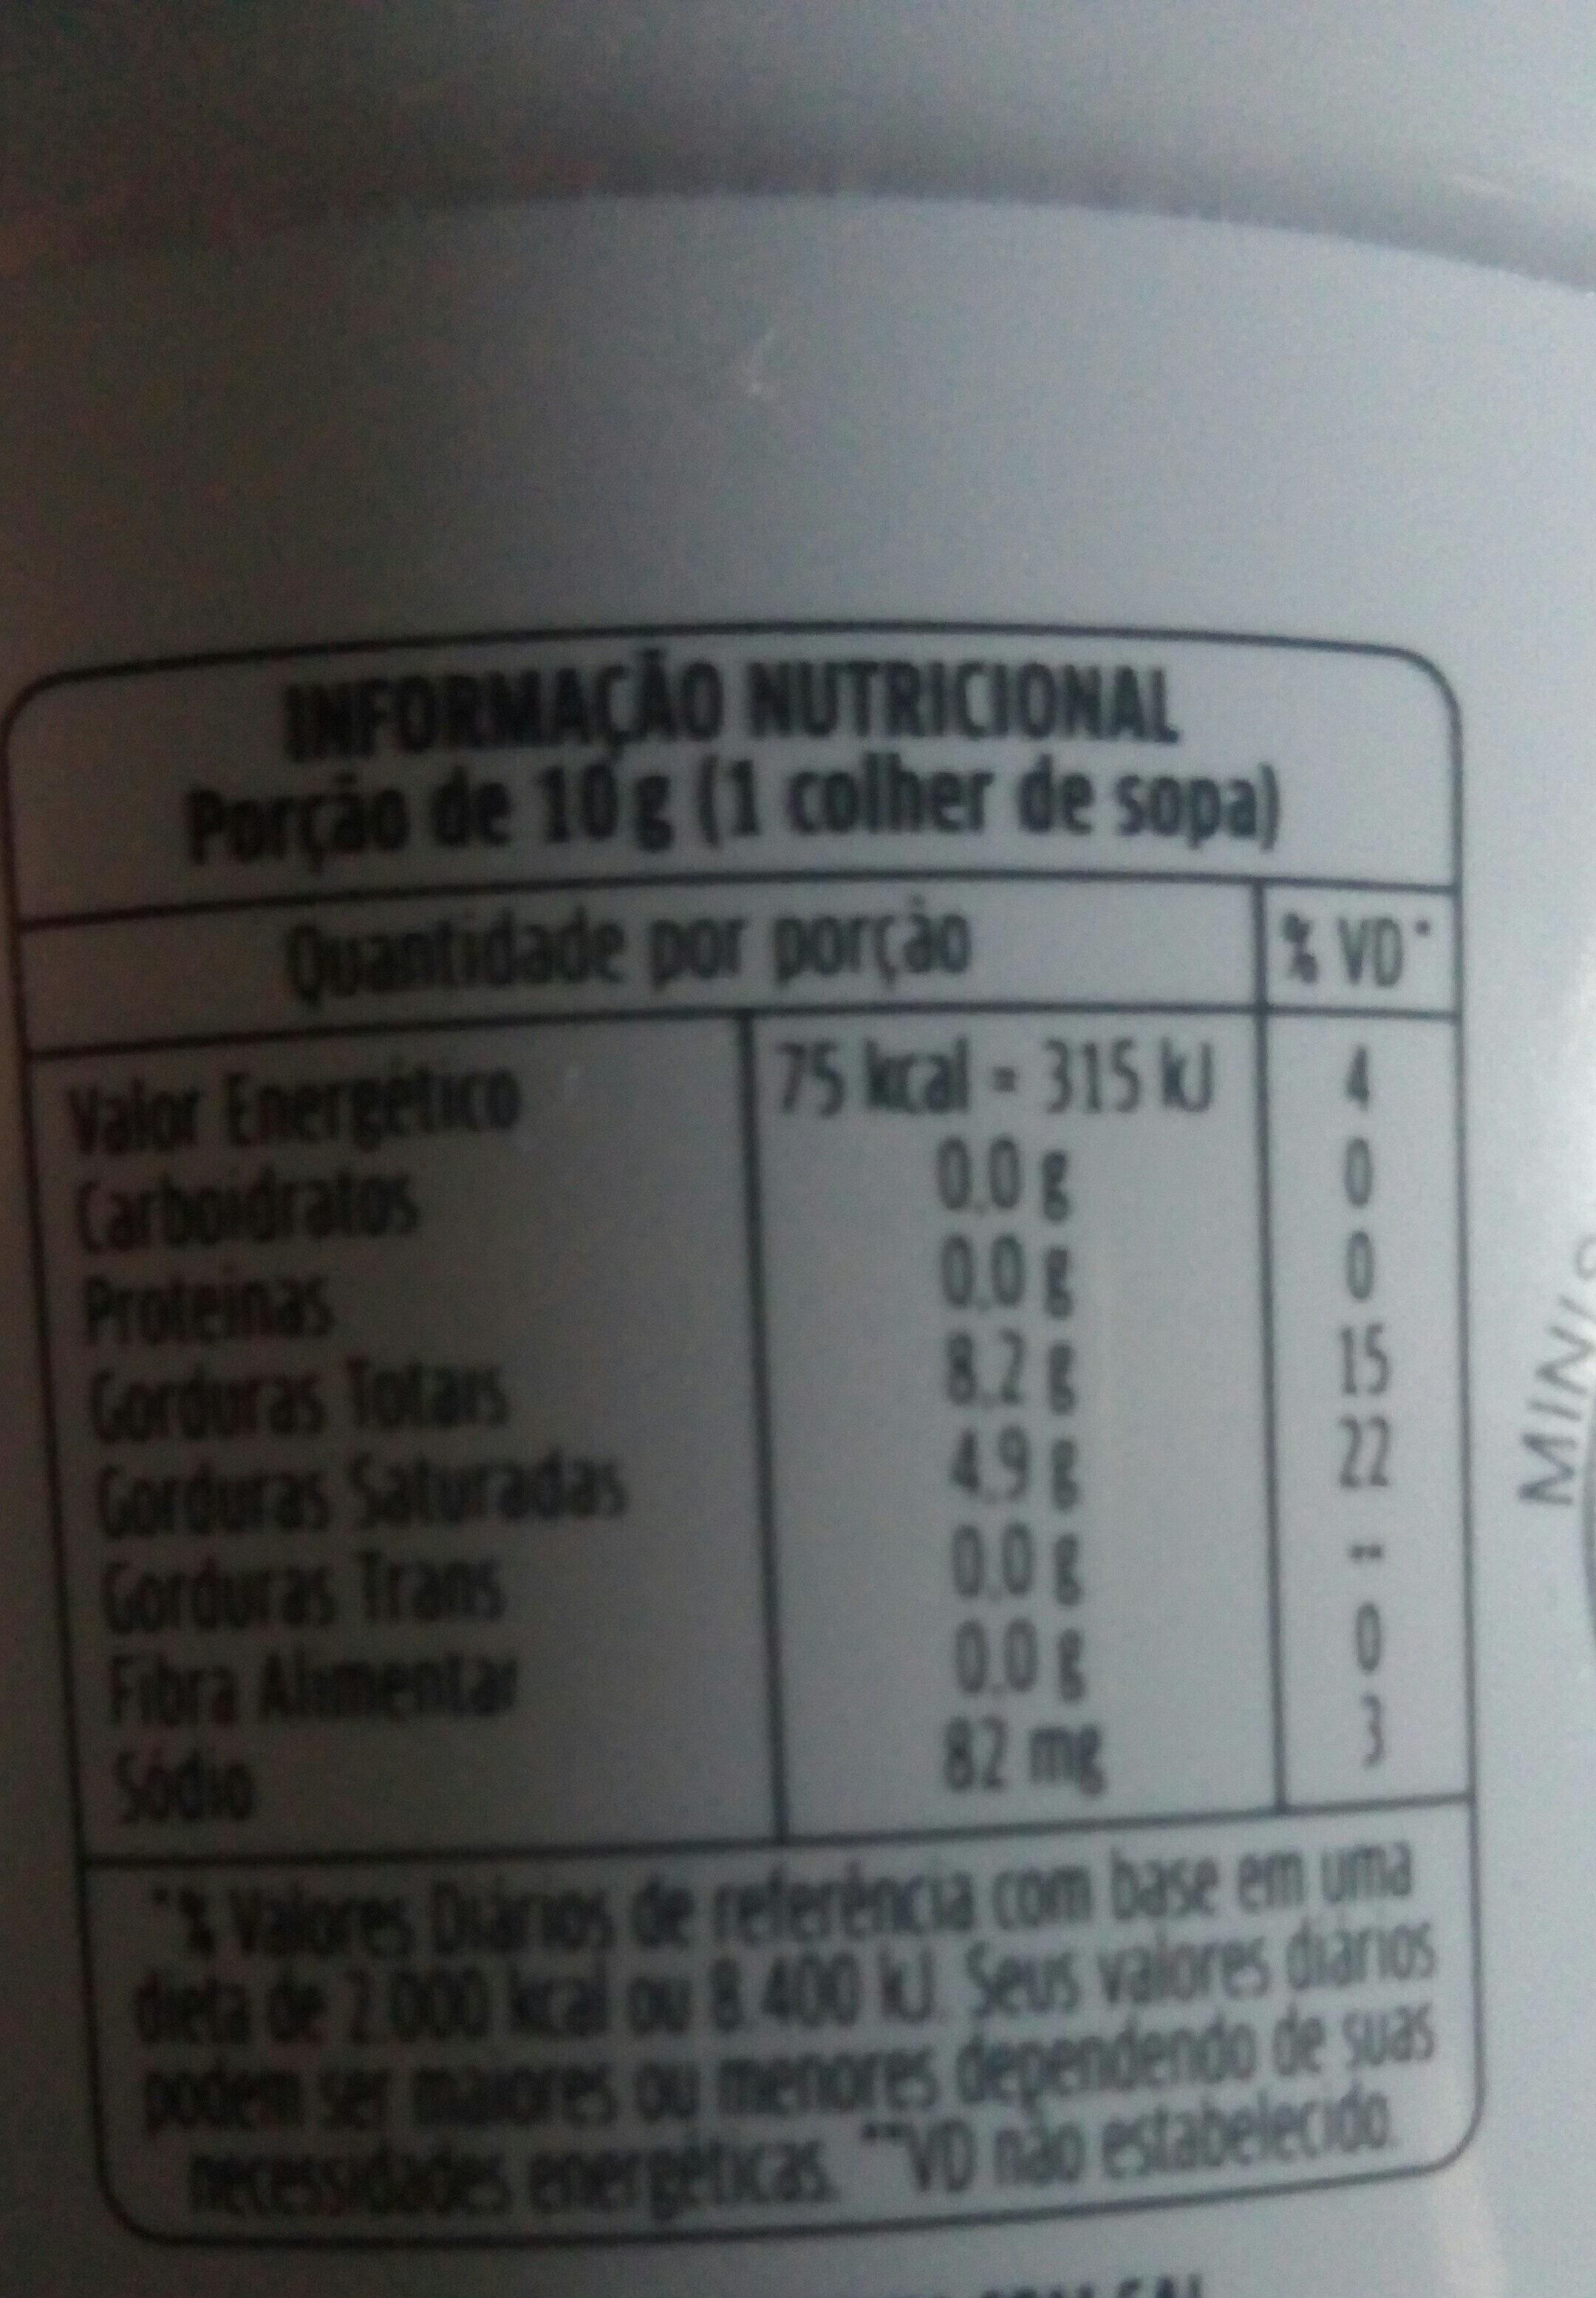 manteiga natural da vaca - Informação nutricional - pt